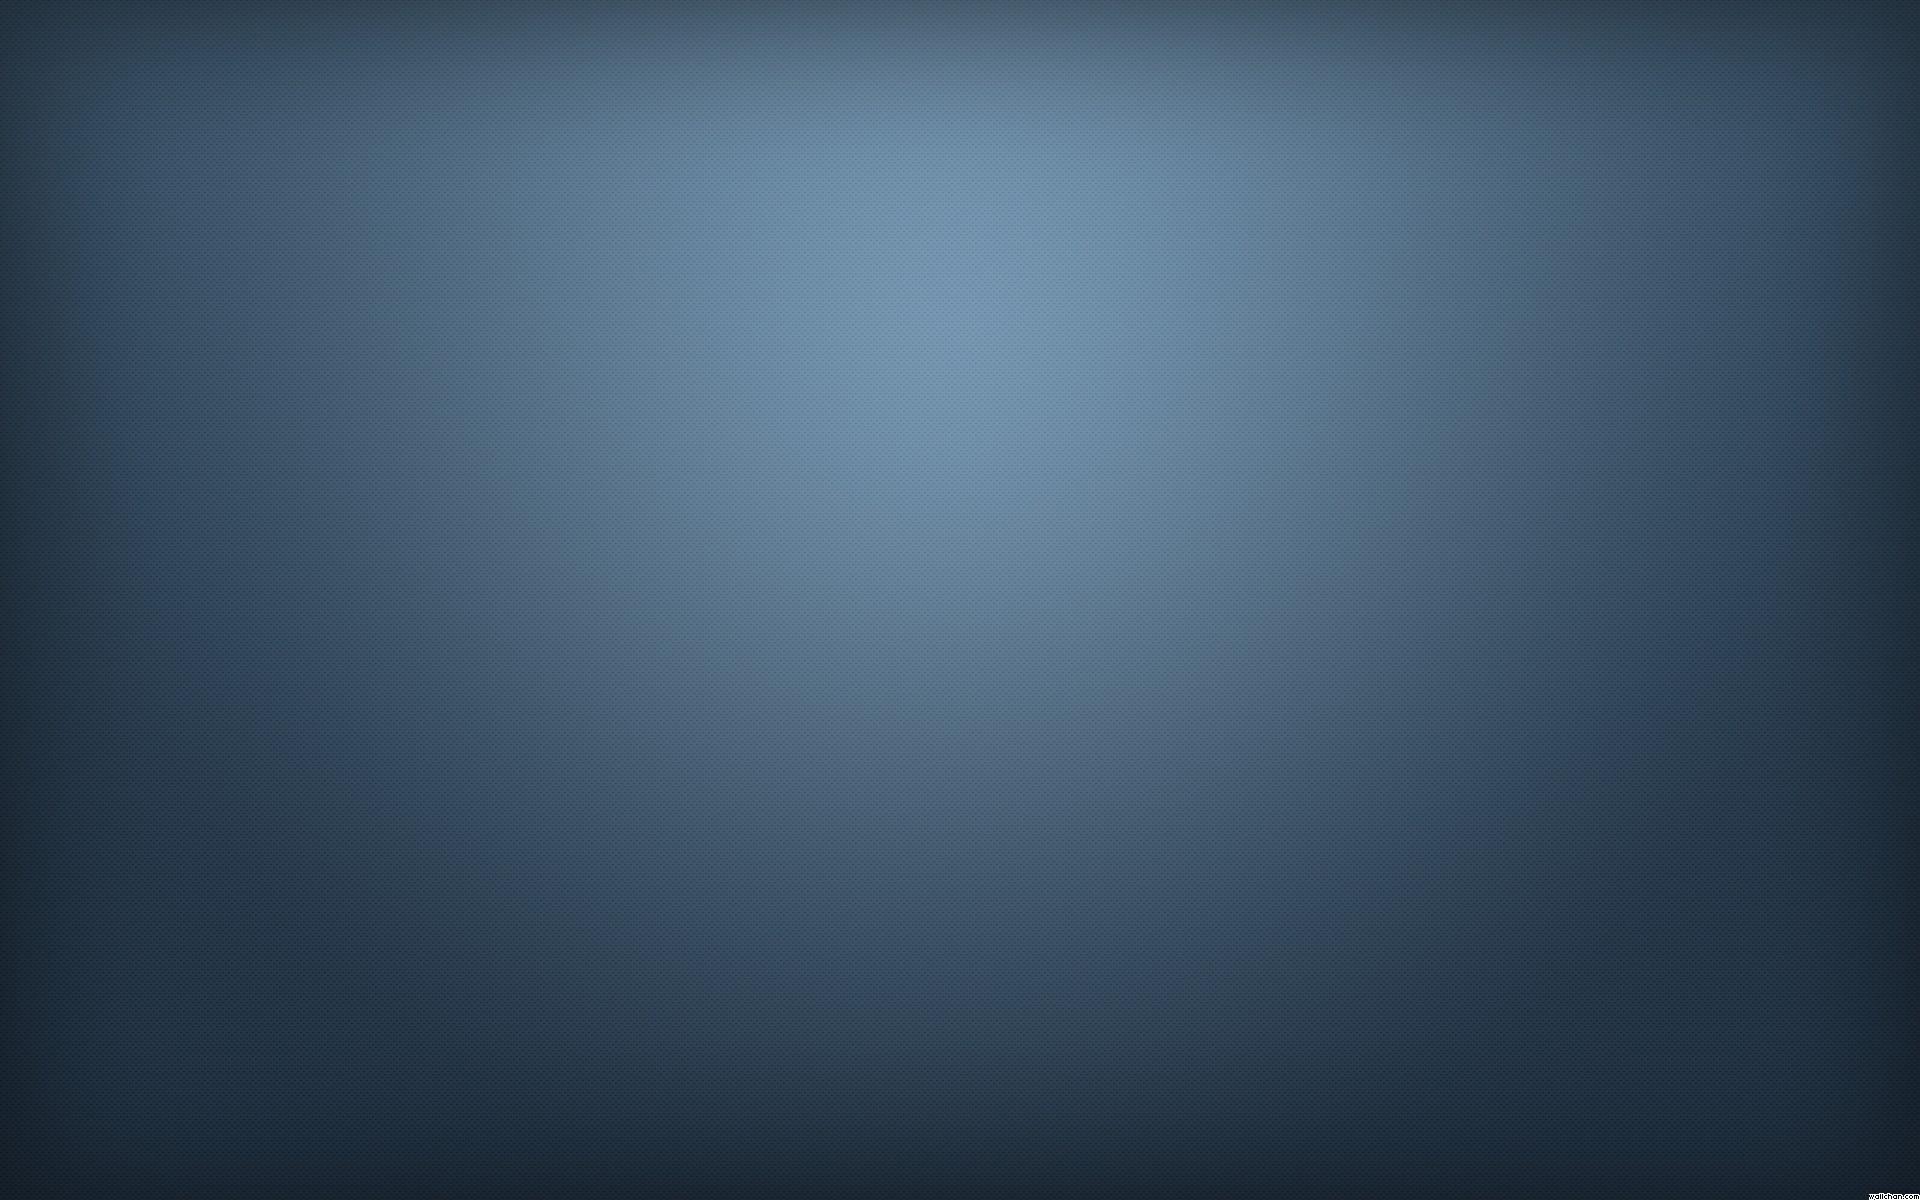 1382-minimalistic-blue-gradient-wallpaper-wallchan-1920×1200.jpg